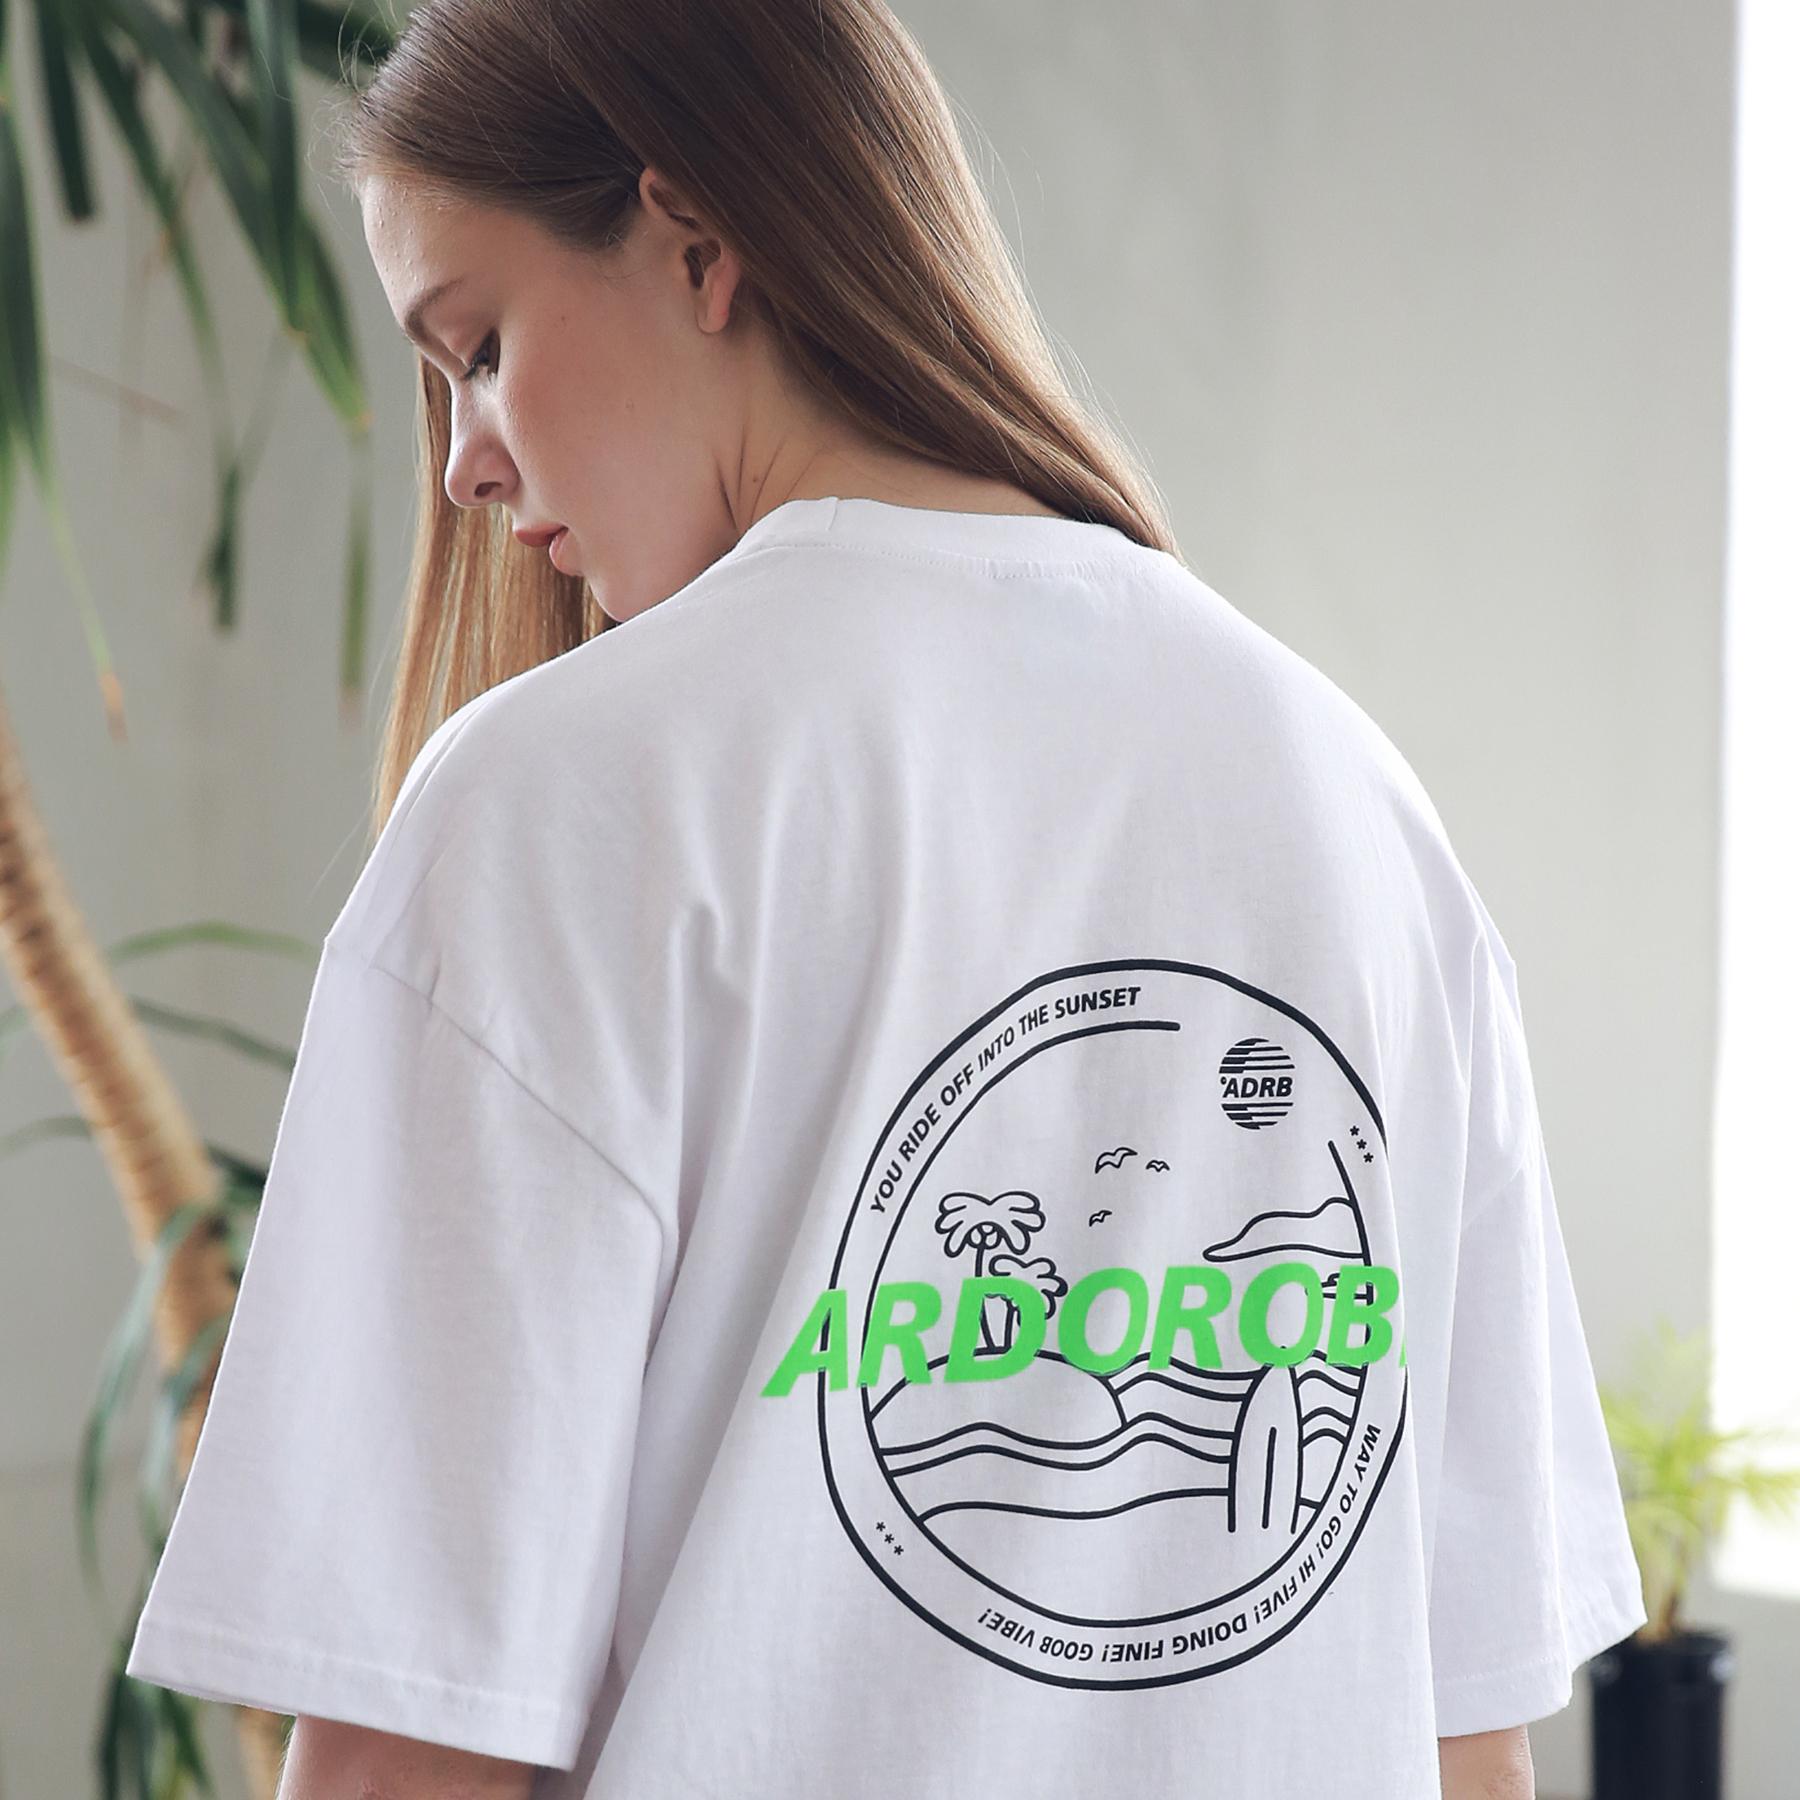 아더로브 유니섹스 아일랜드 서클 티셔츠 ATS192004-WT 반팔티